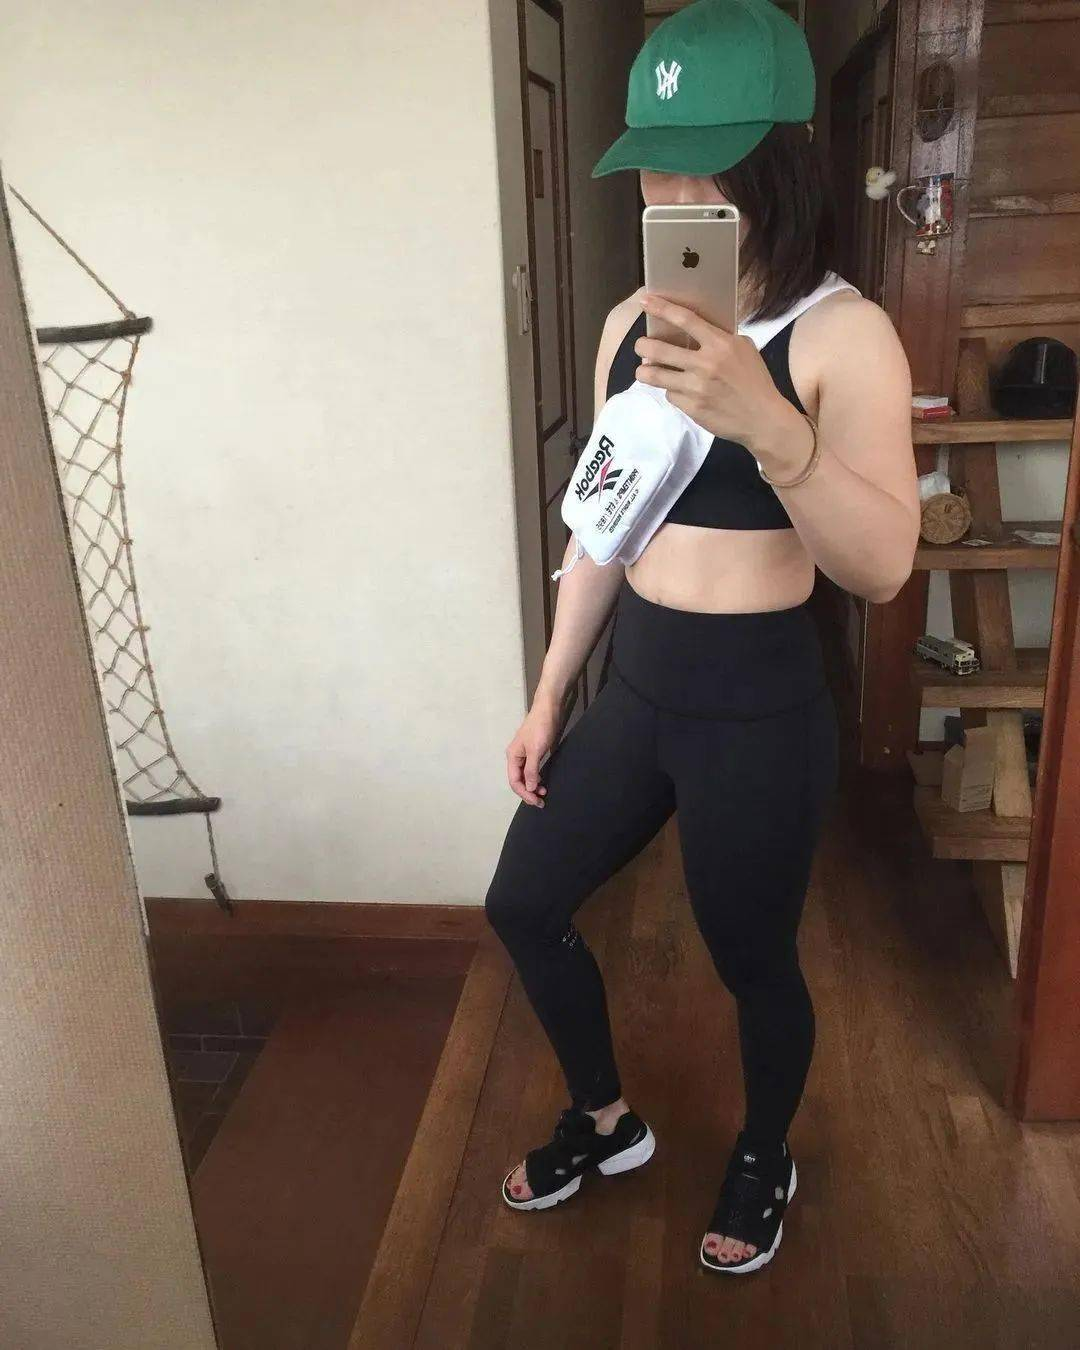 日本妹子不穿上衣直播健身,引来千万网友围观,这力量不得不服!